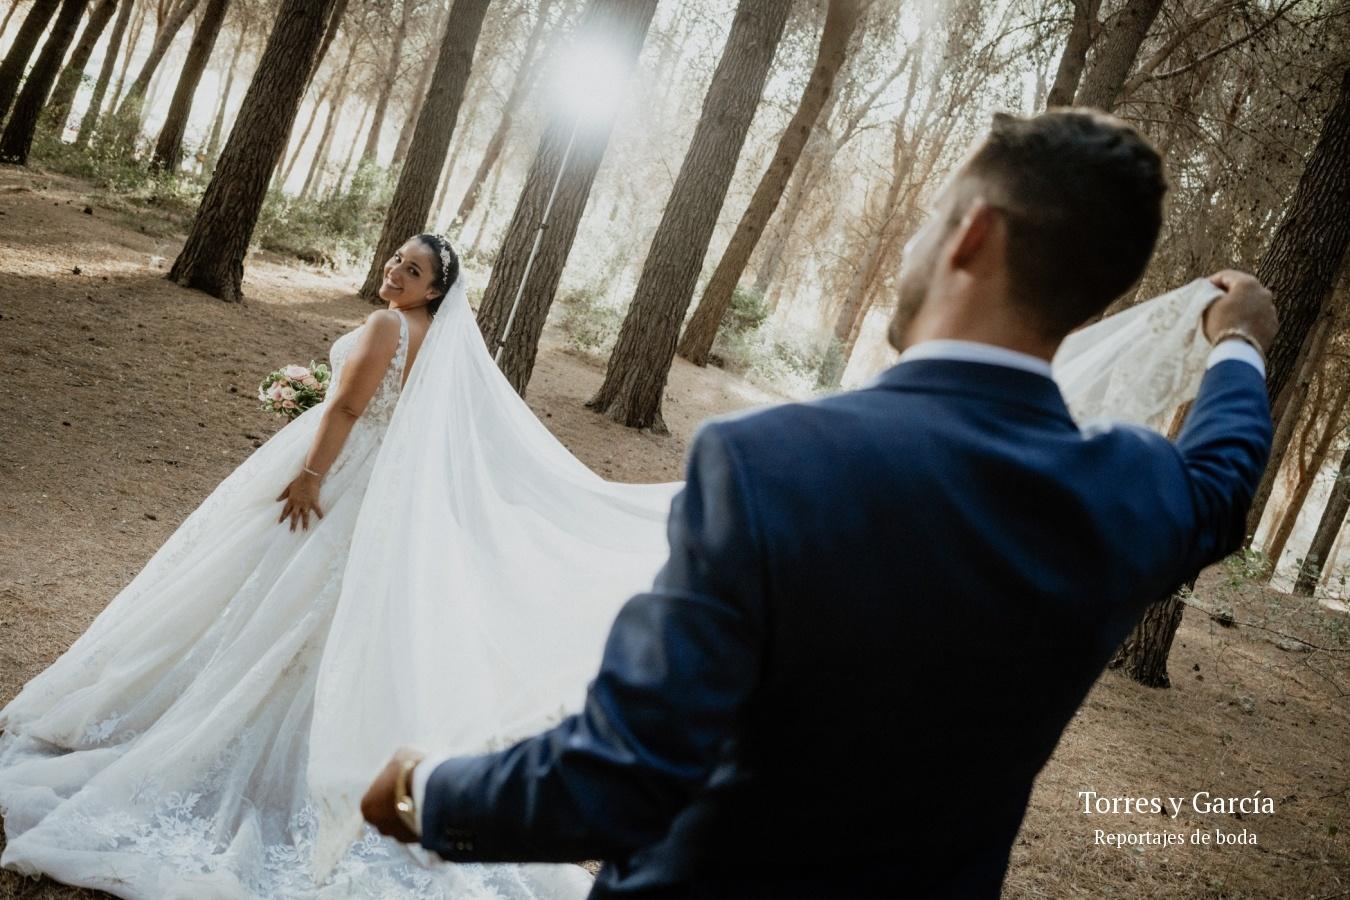 el velo de la novia - Fotografías - Libros y reportajes de boda diferentes.